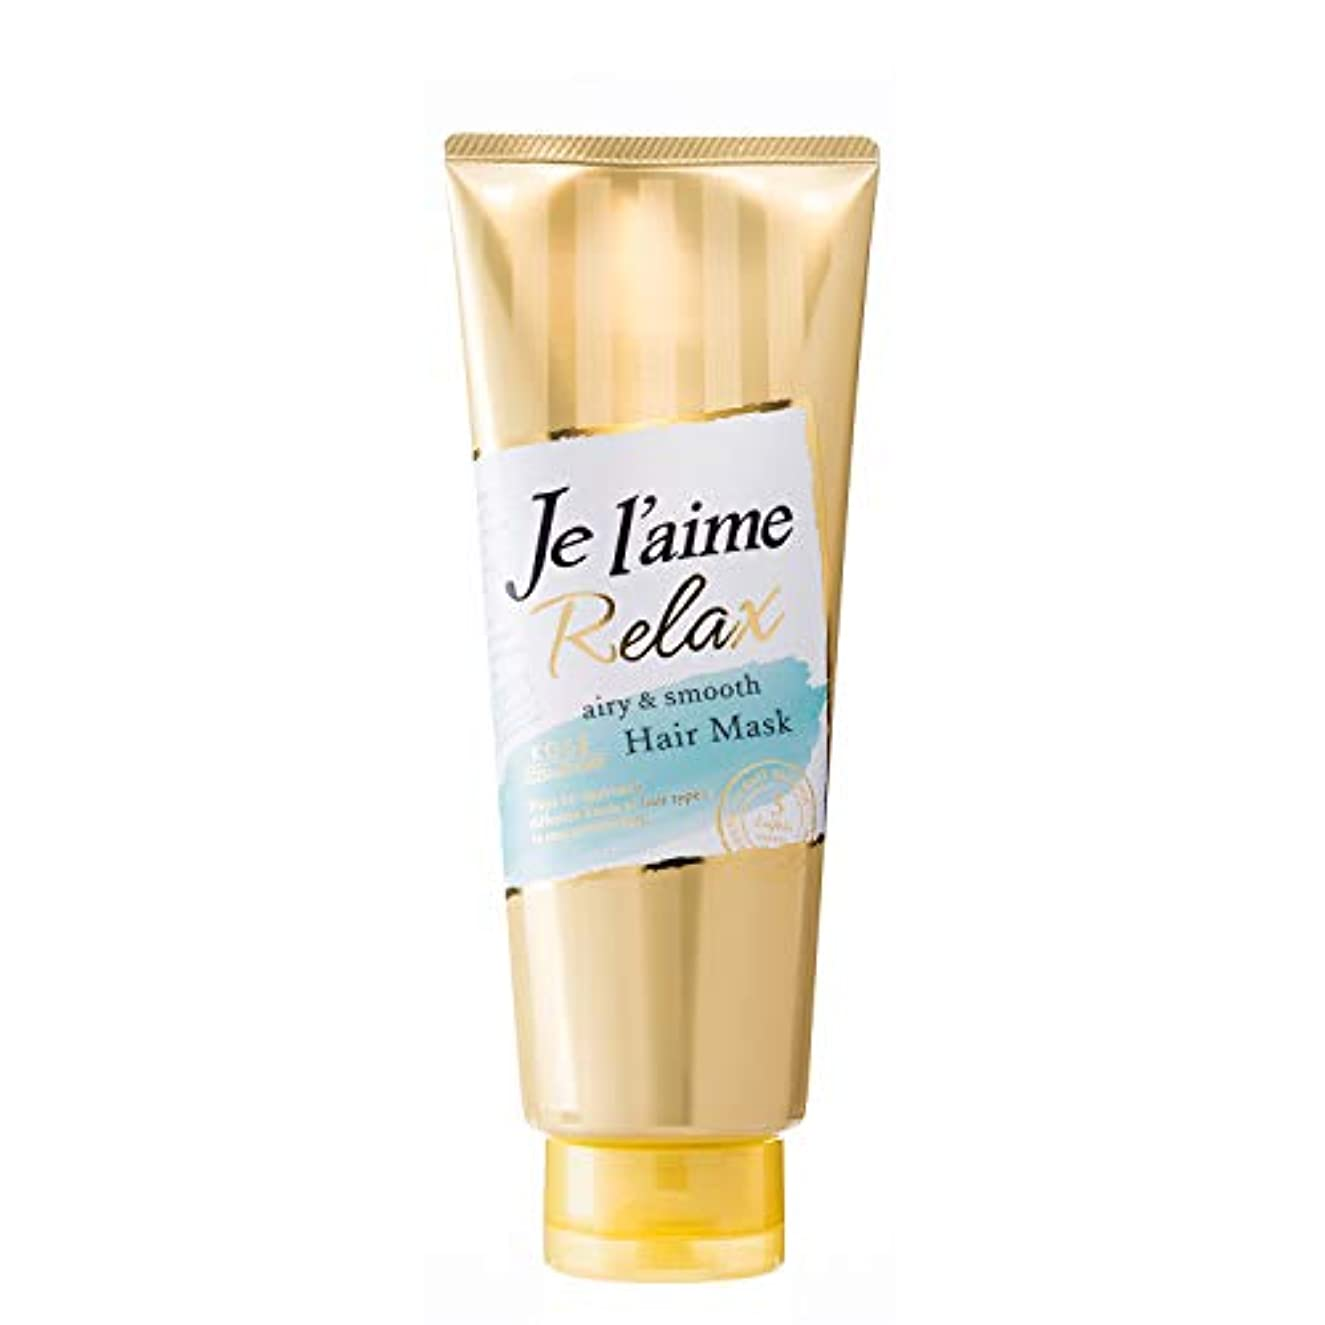 学部香水ロールKOSE ジュレーム リラックス ディープトリートメント ヘアマスク(エアリー&スムース) やわらかい ほそい髪用 230g